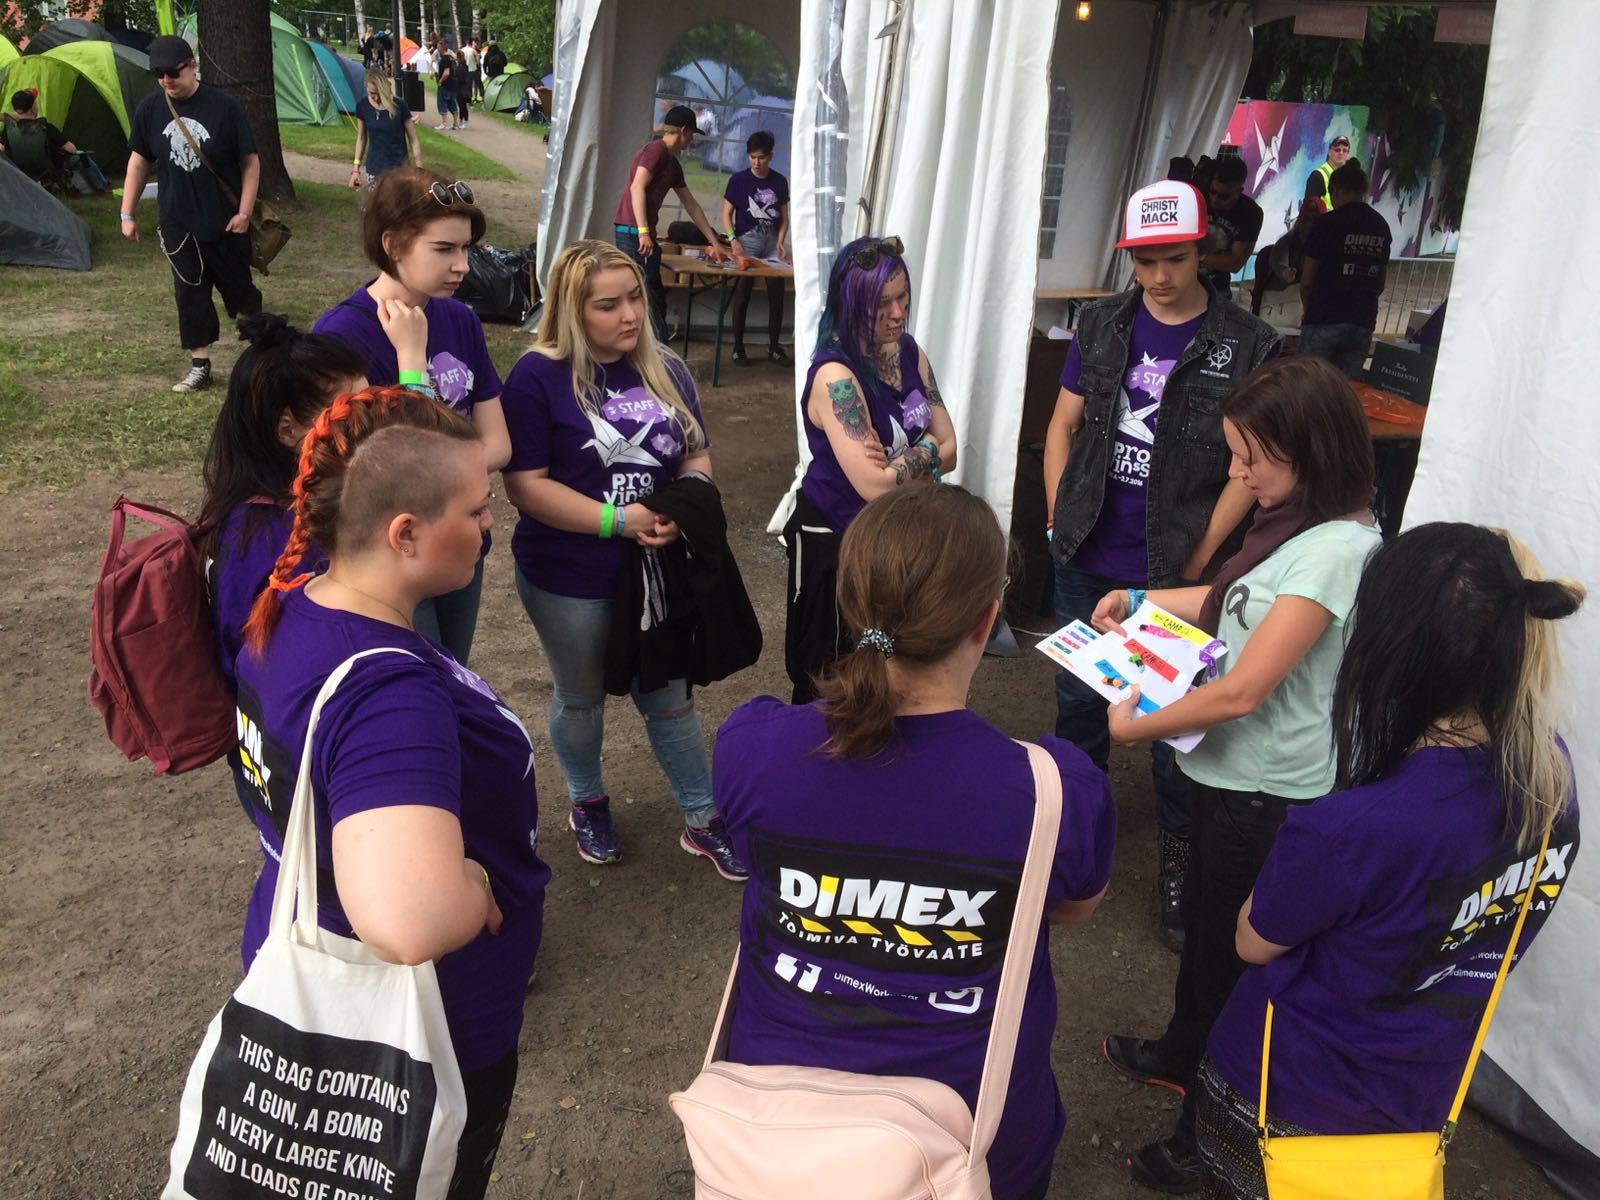 Seitsemän henkeä seisoo piirissä yhden pitäessä heille käskynjakoa, vapaaehtoistyöntekijöillä lilat paidat.